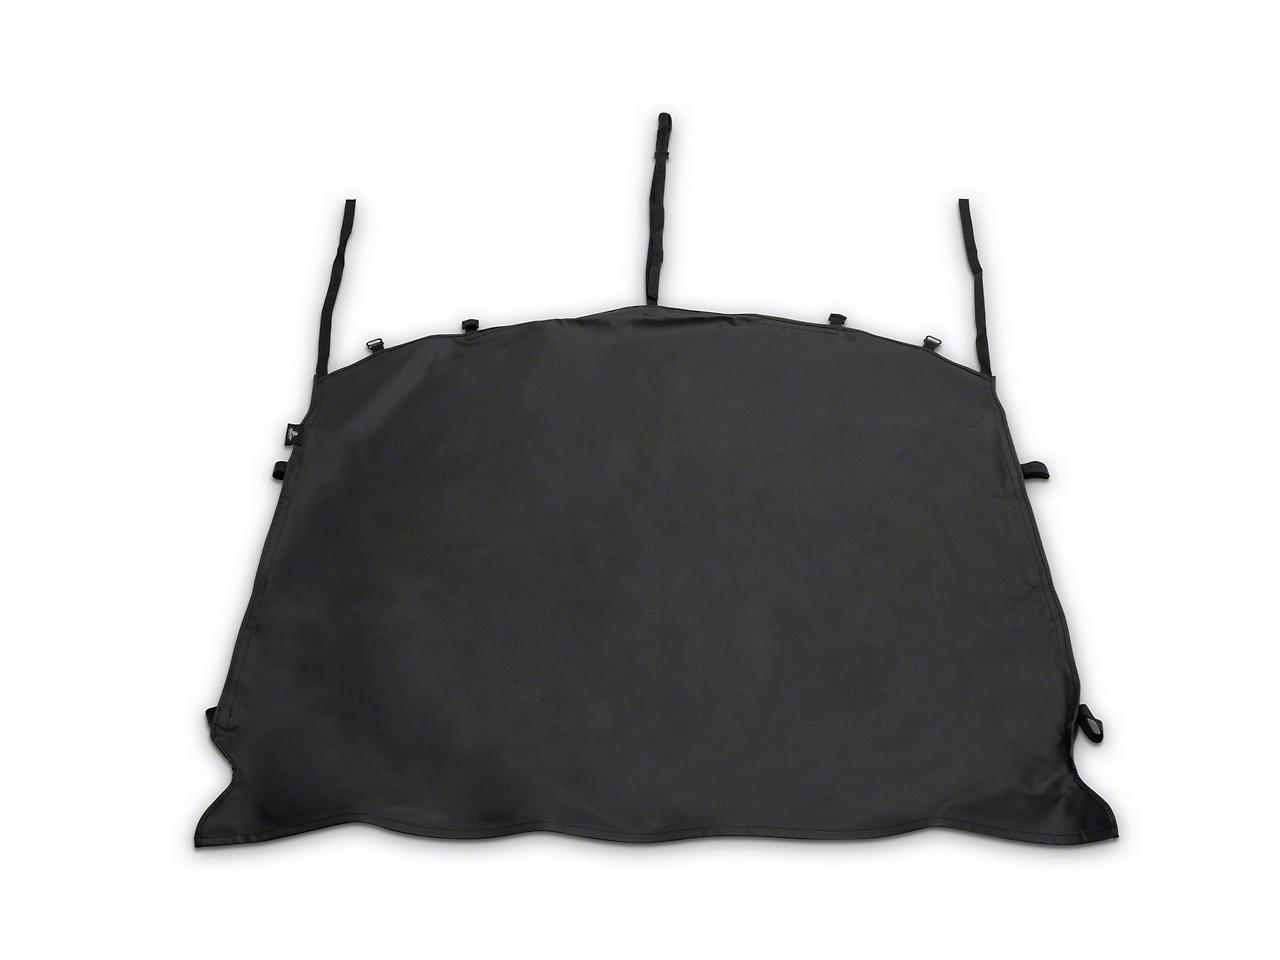 Bestop Strapless Bikini Top - Black Denim (87-95 Jeep Wrangler YJ)